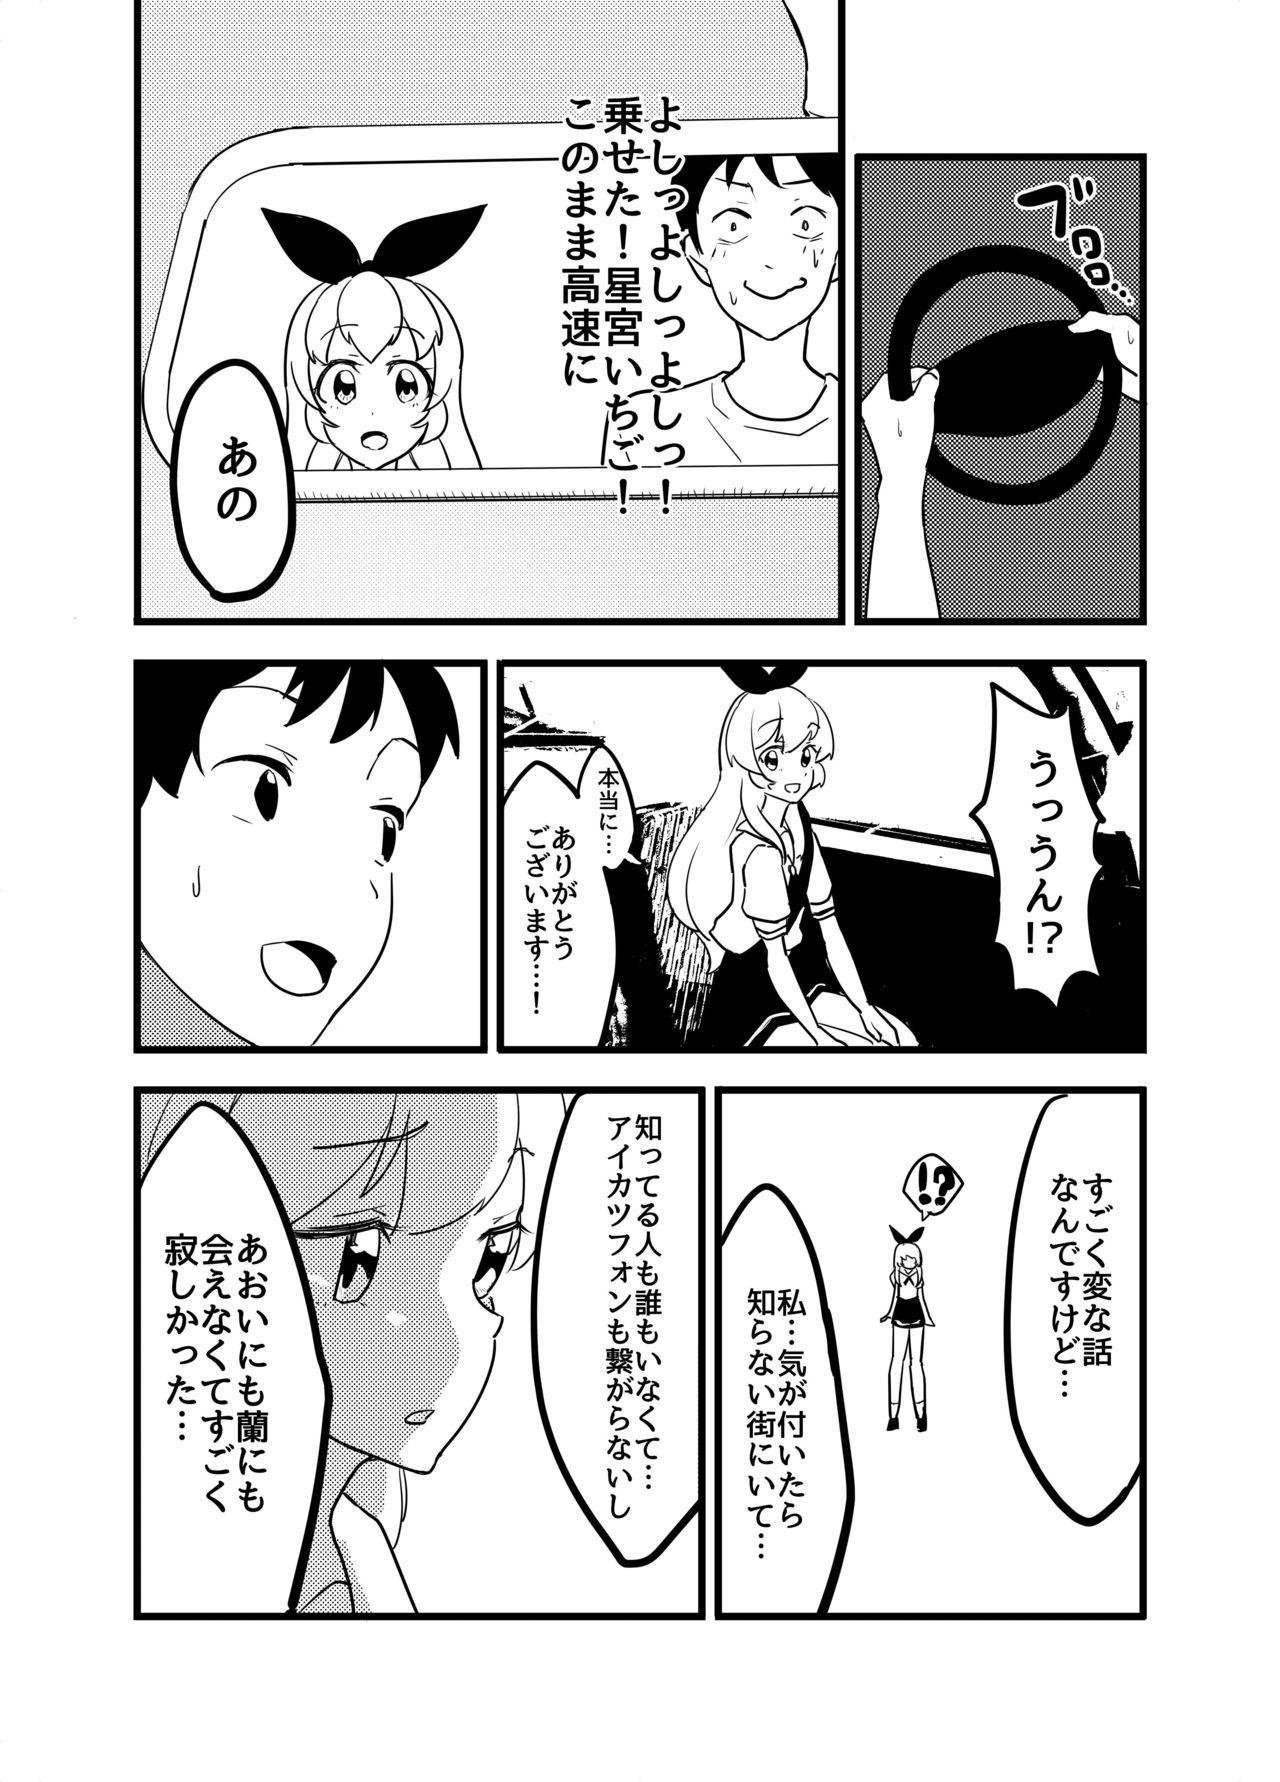 Hoshimiya Ichigo o Goukan Shite Boku wa Hoshi ni Naru. 46